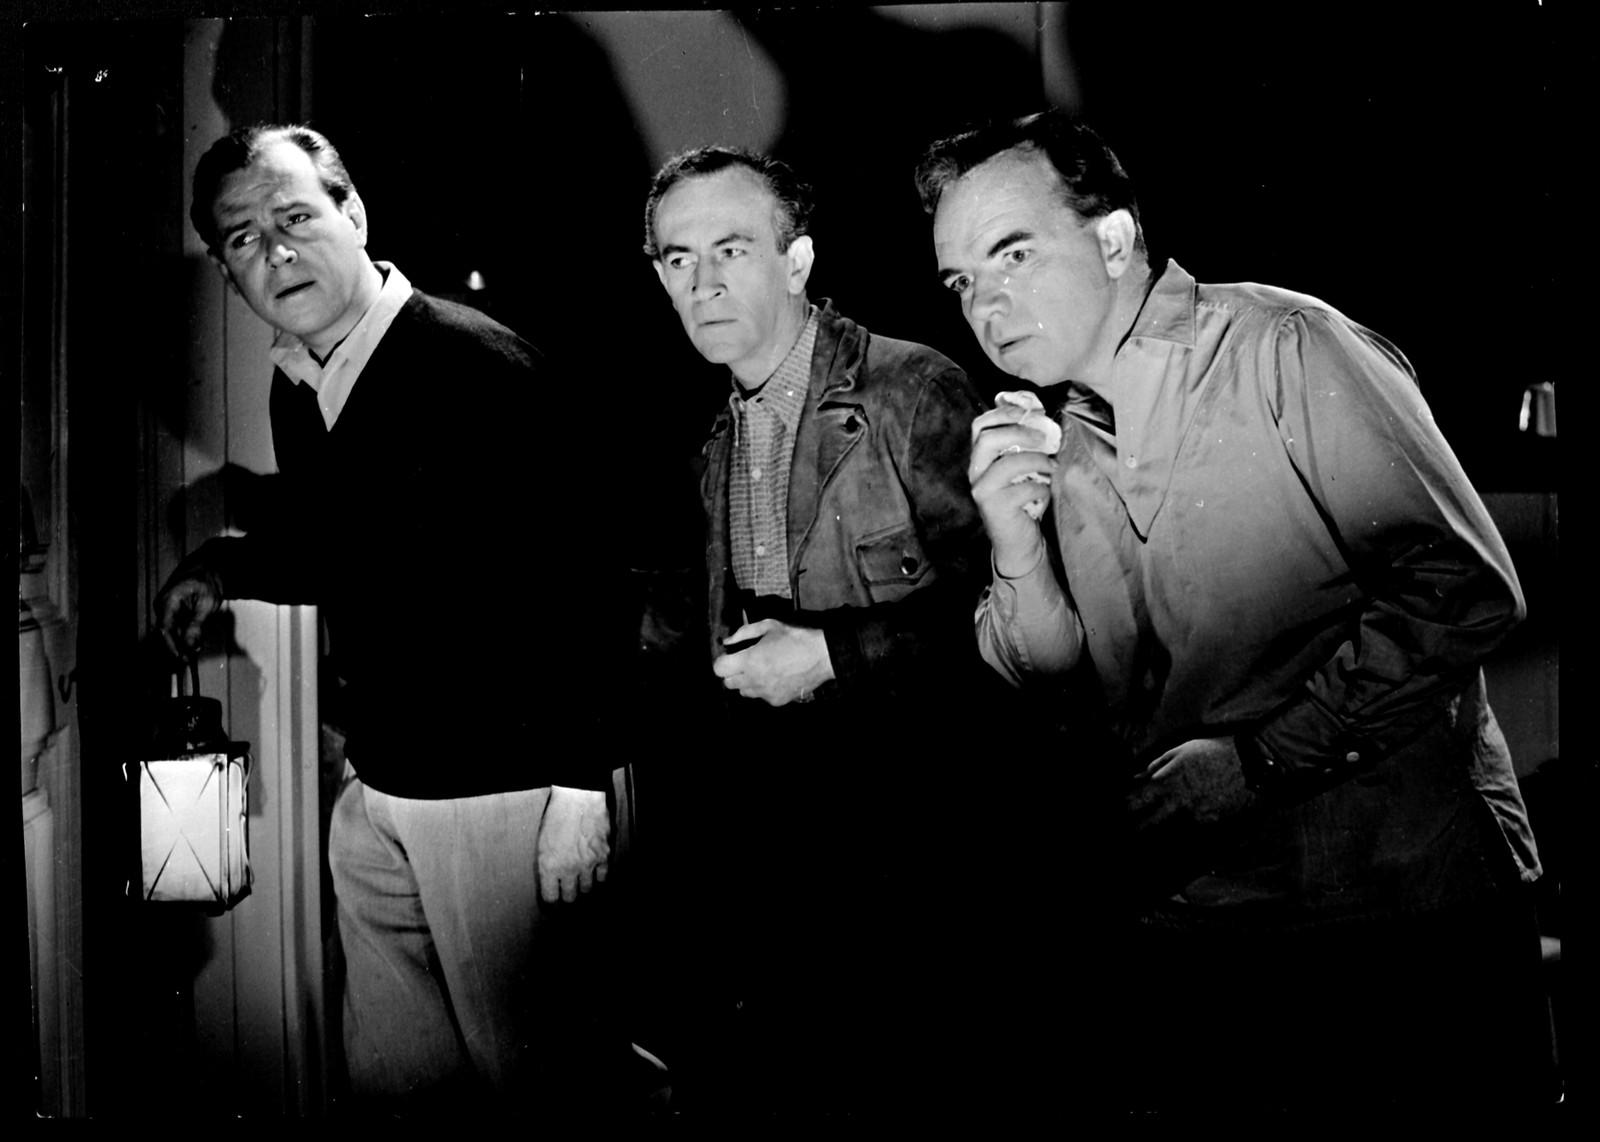 krim-, thriller- og skrekkfilm fra 1958 regissert av Kåre Bergstrøm.